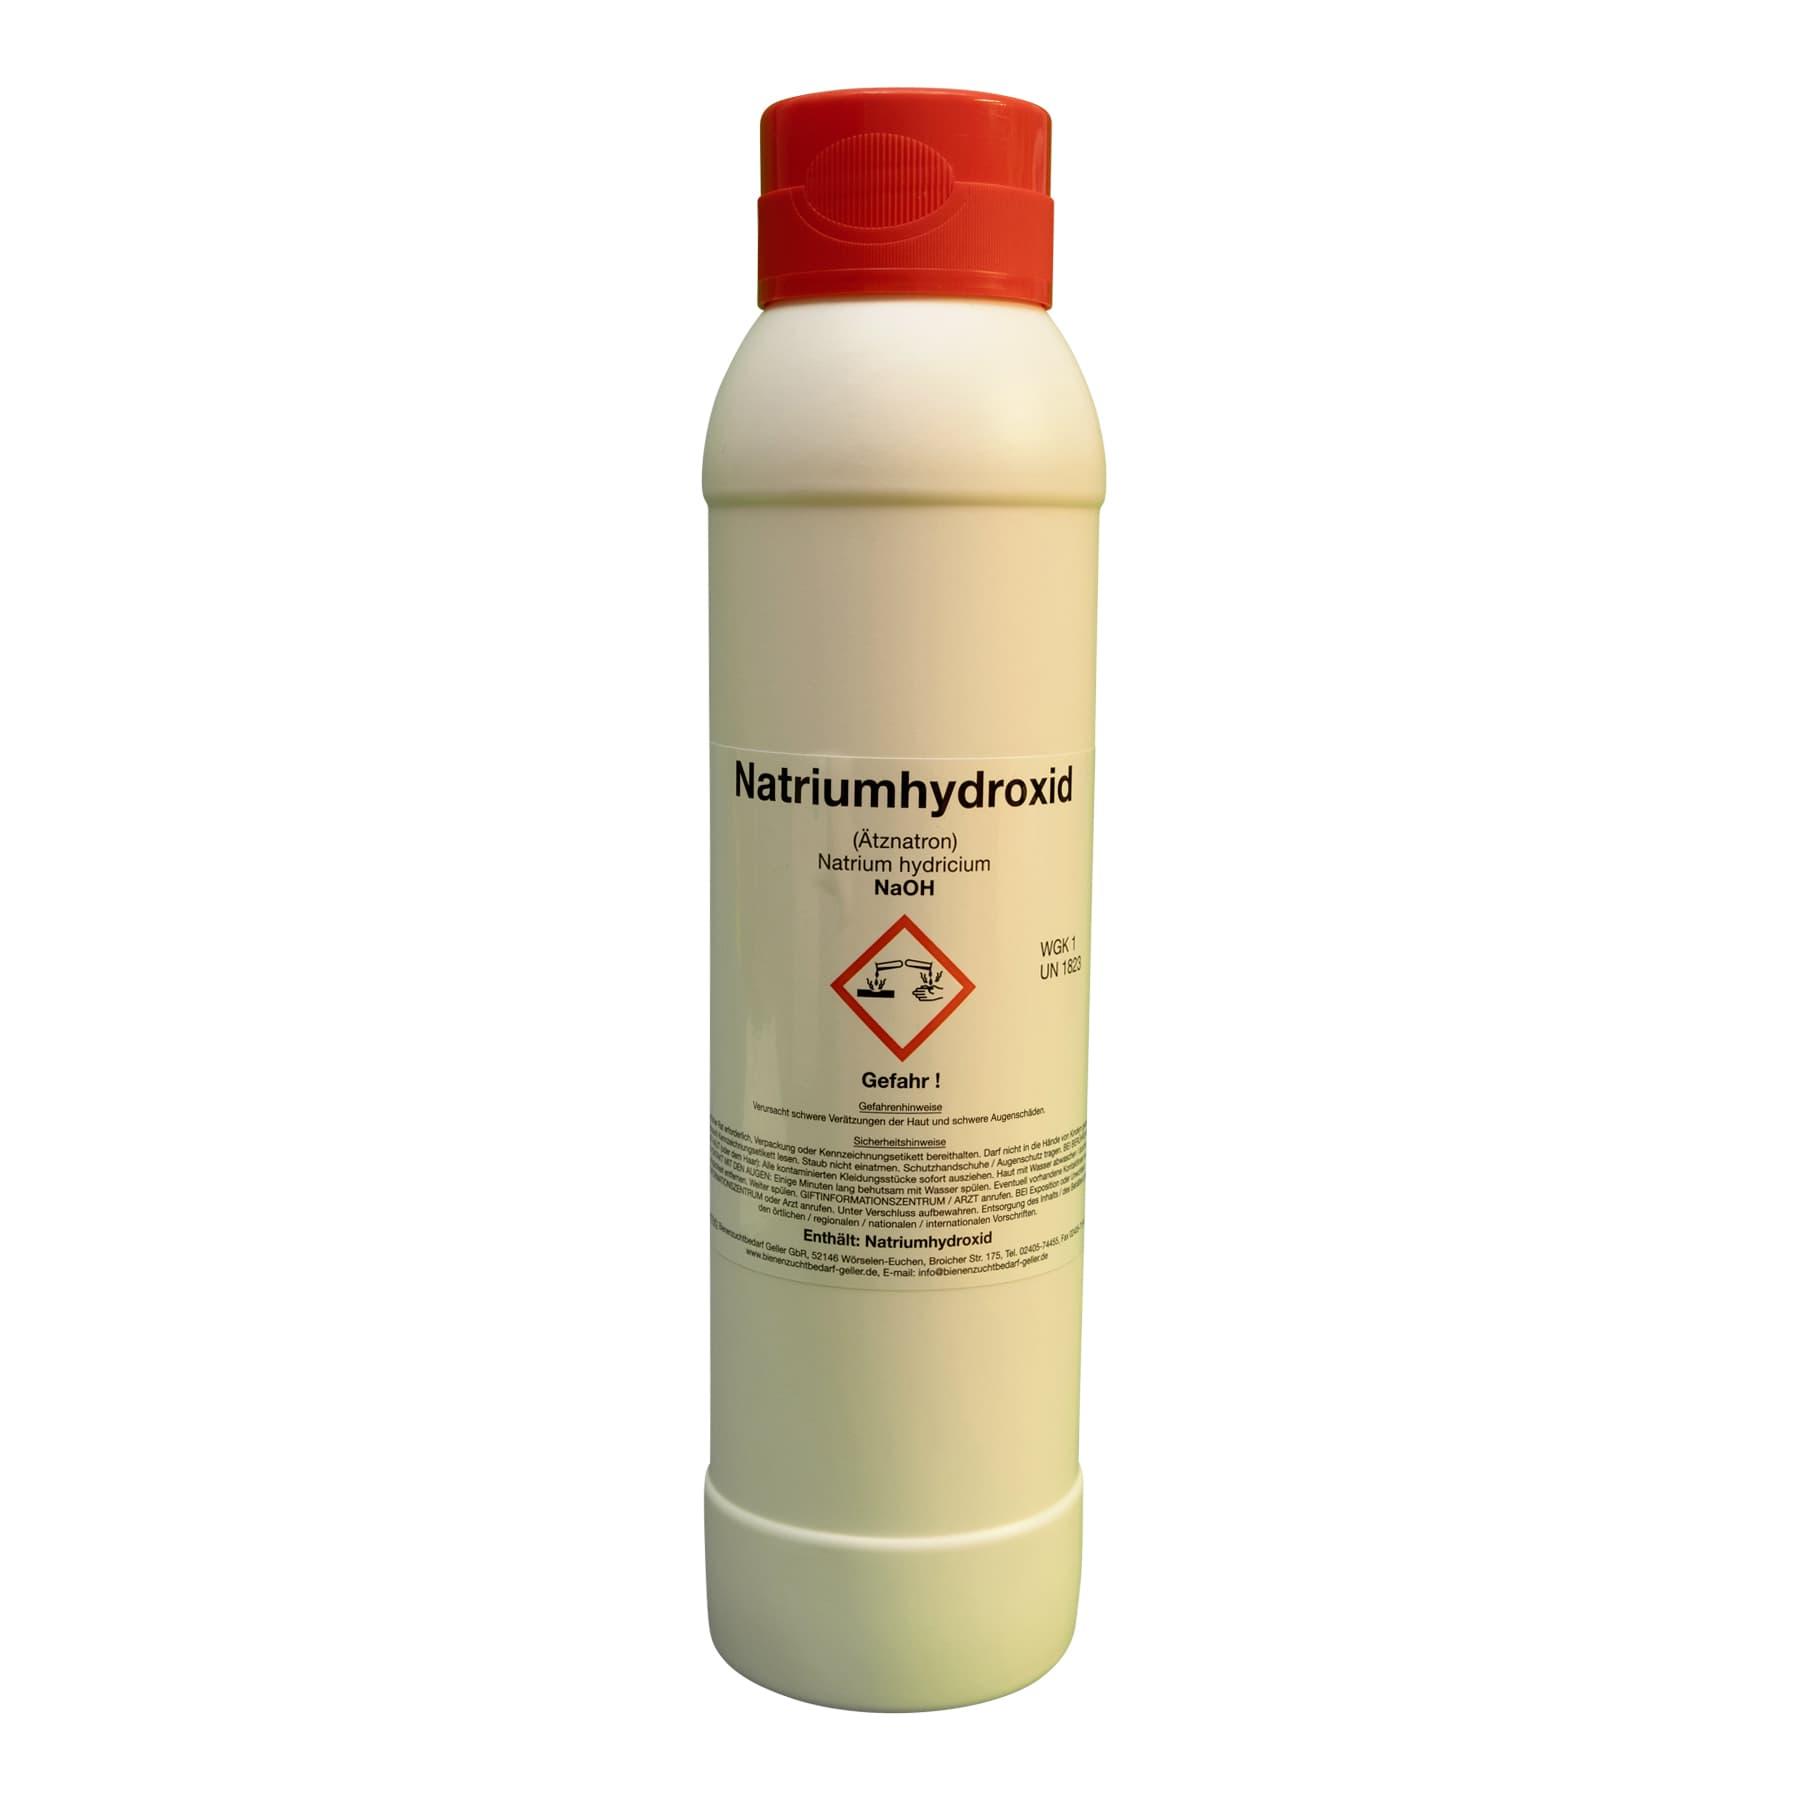 Ätznatron, NaOH, Natriumhydroxid, 1 kg